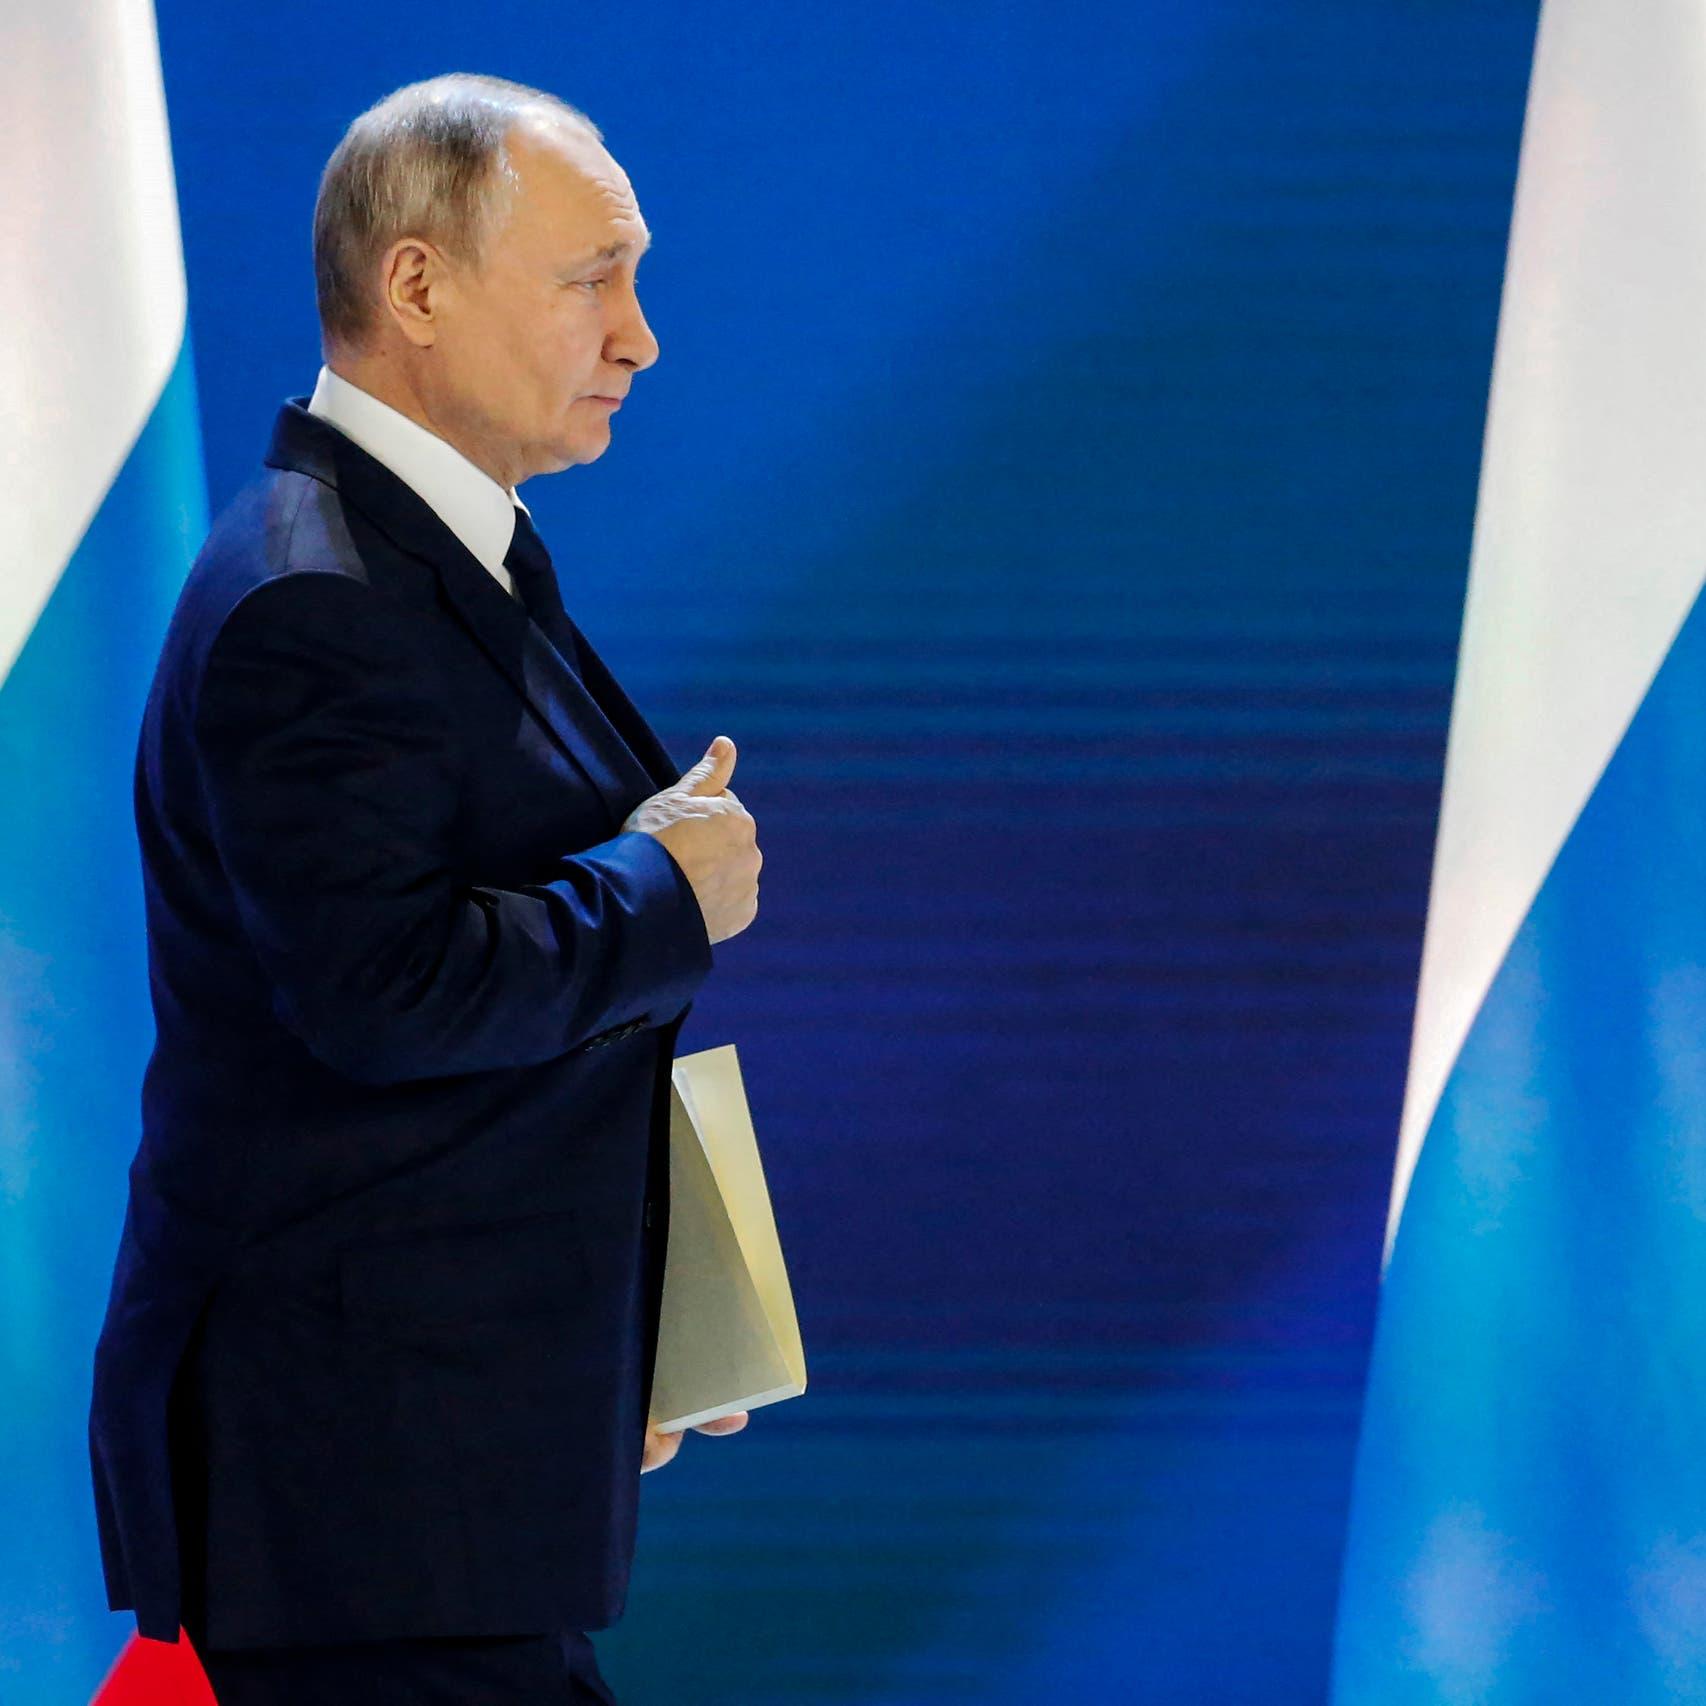 بوتين: الاقتصاد الروسي قريب من العودة إلى ما كان عليه قبل الجائحة